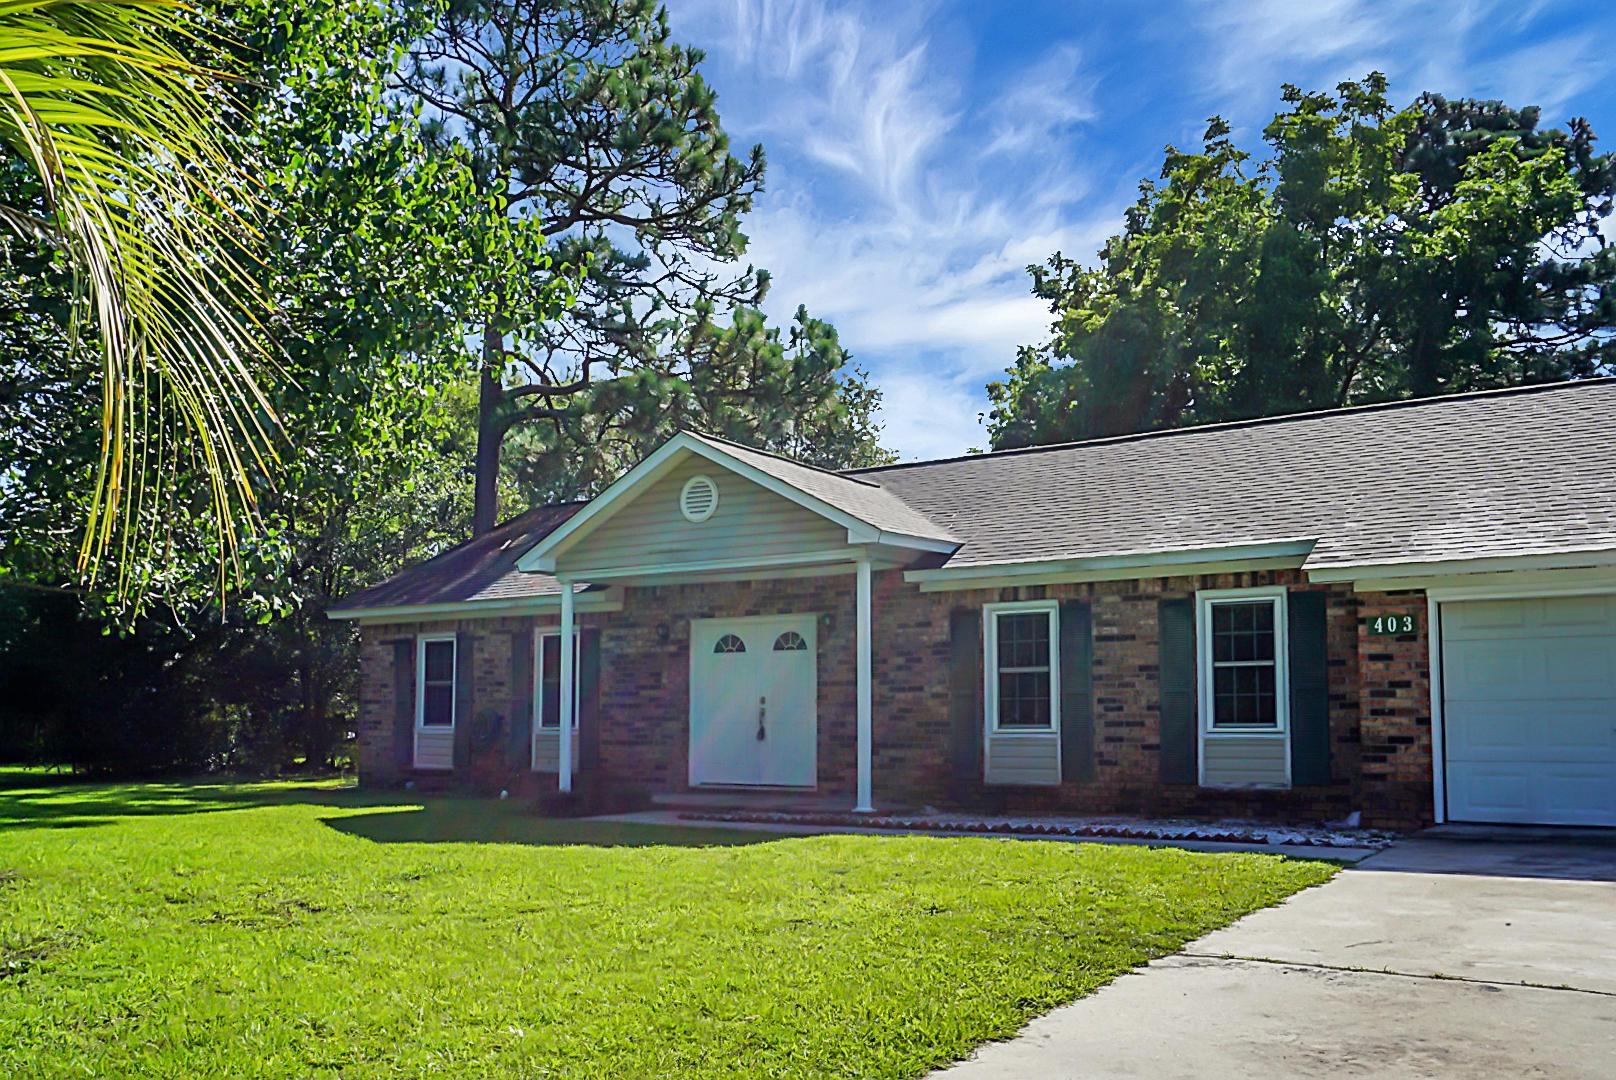 403 Longstreet Summerville, SC 29486